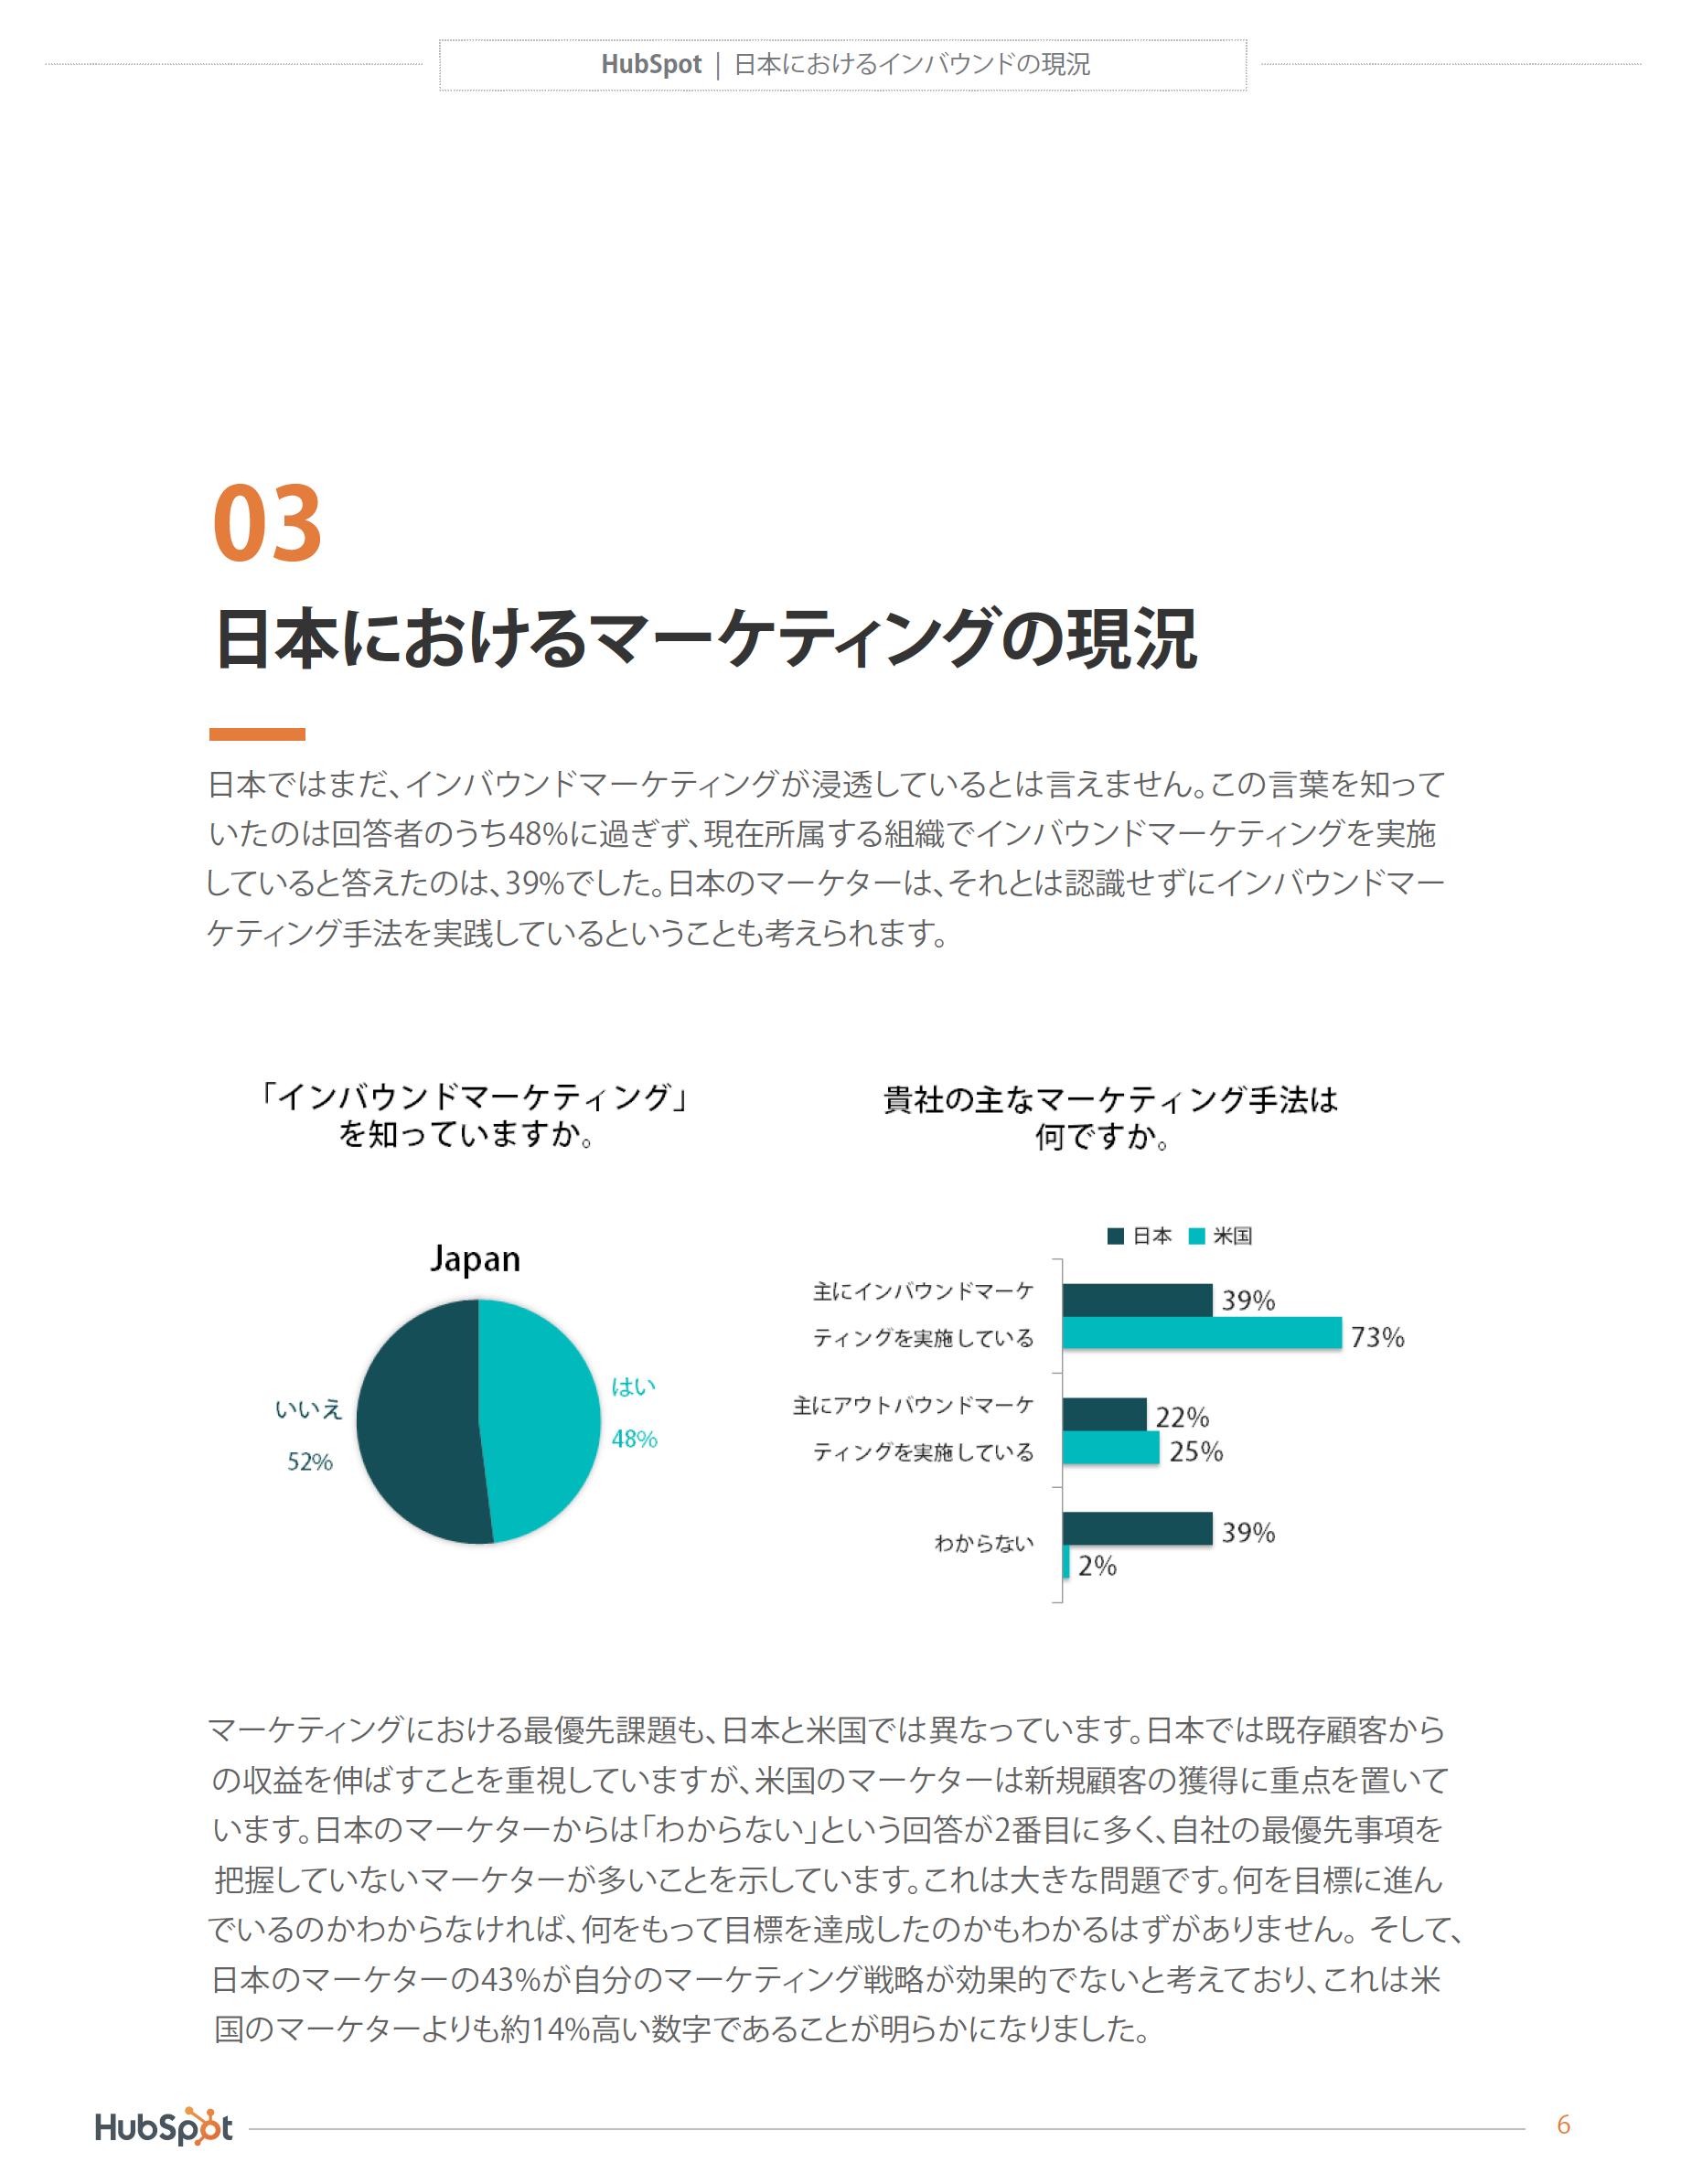 2017年向けインバウンドマーケティング統計データ